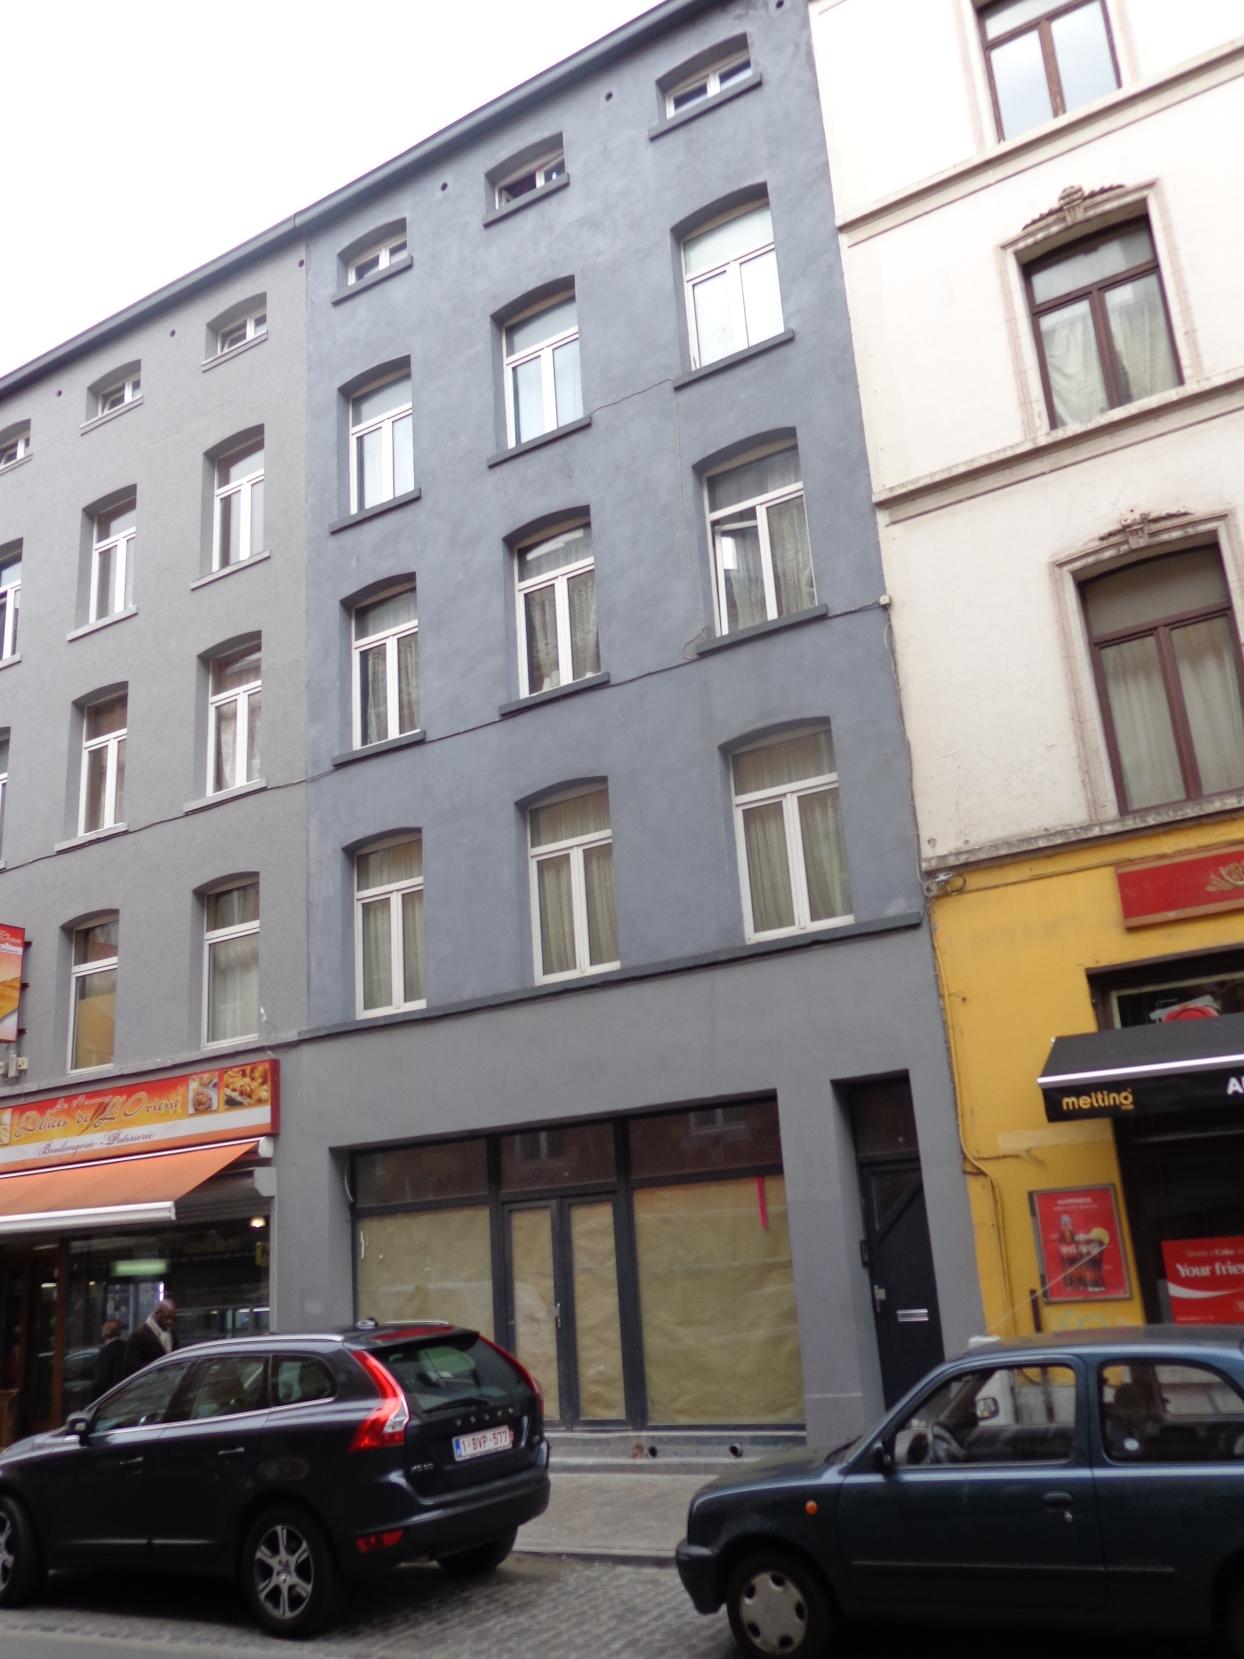 Rue Blaes 175, 2015